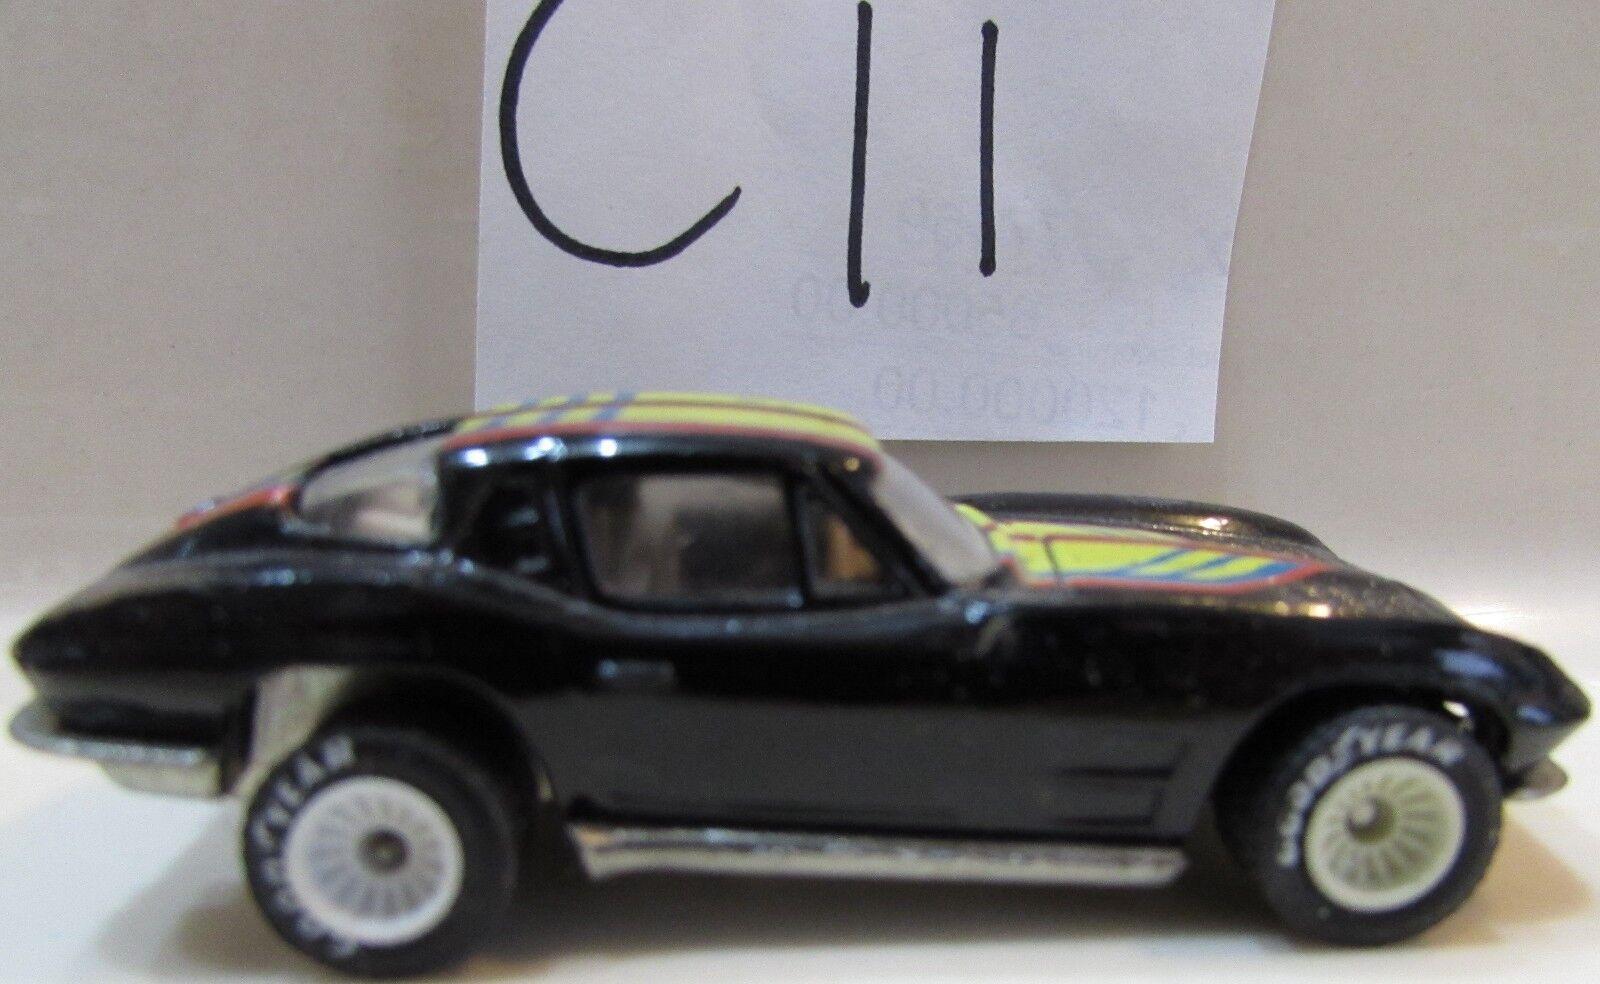 Hot Wheels 1979 Chevrolet Chevrolet Chevrolet Corvette Separado Ventana con   blancoo Rines Loose 5707ad